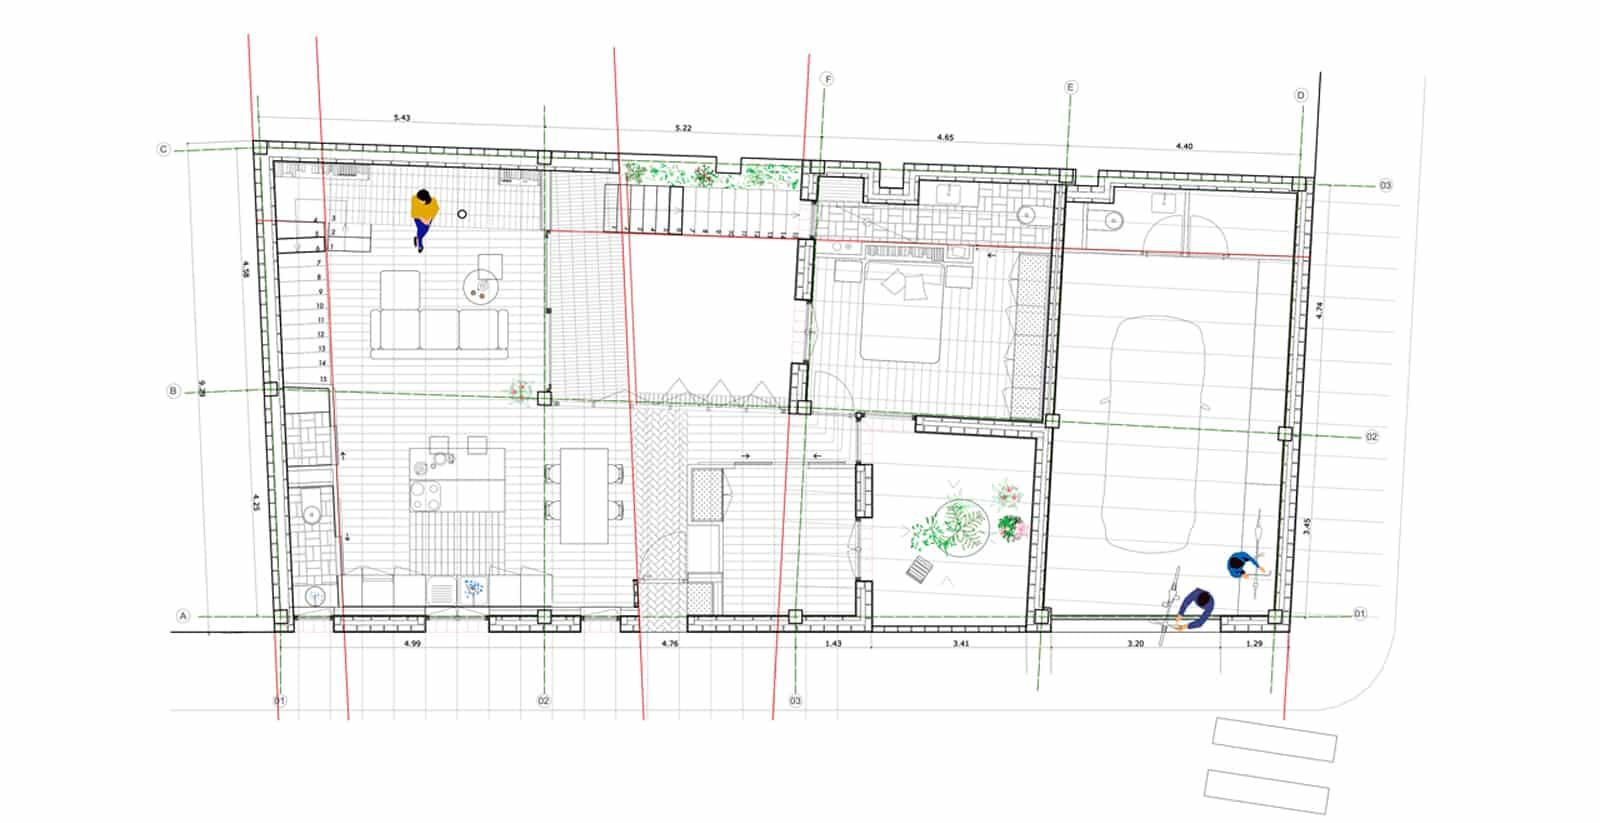 Casa del Cantó  - 20210820 PianoPiano CasadFoio 11.1.1 58